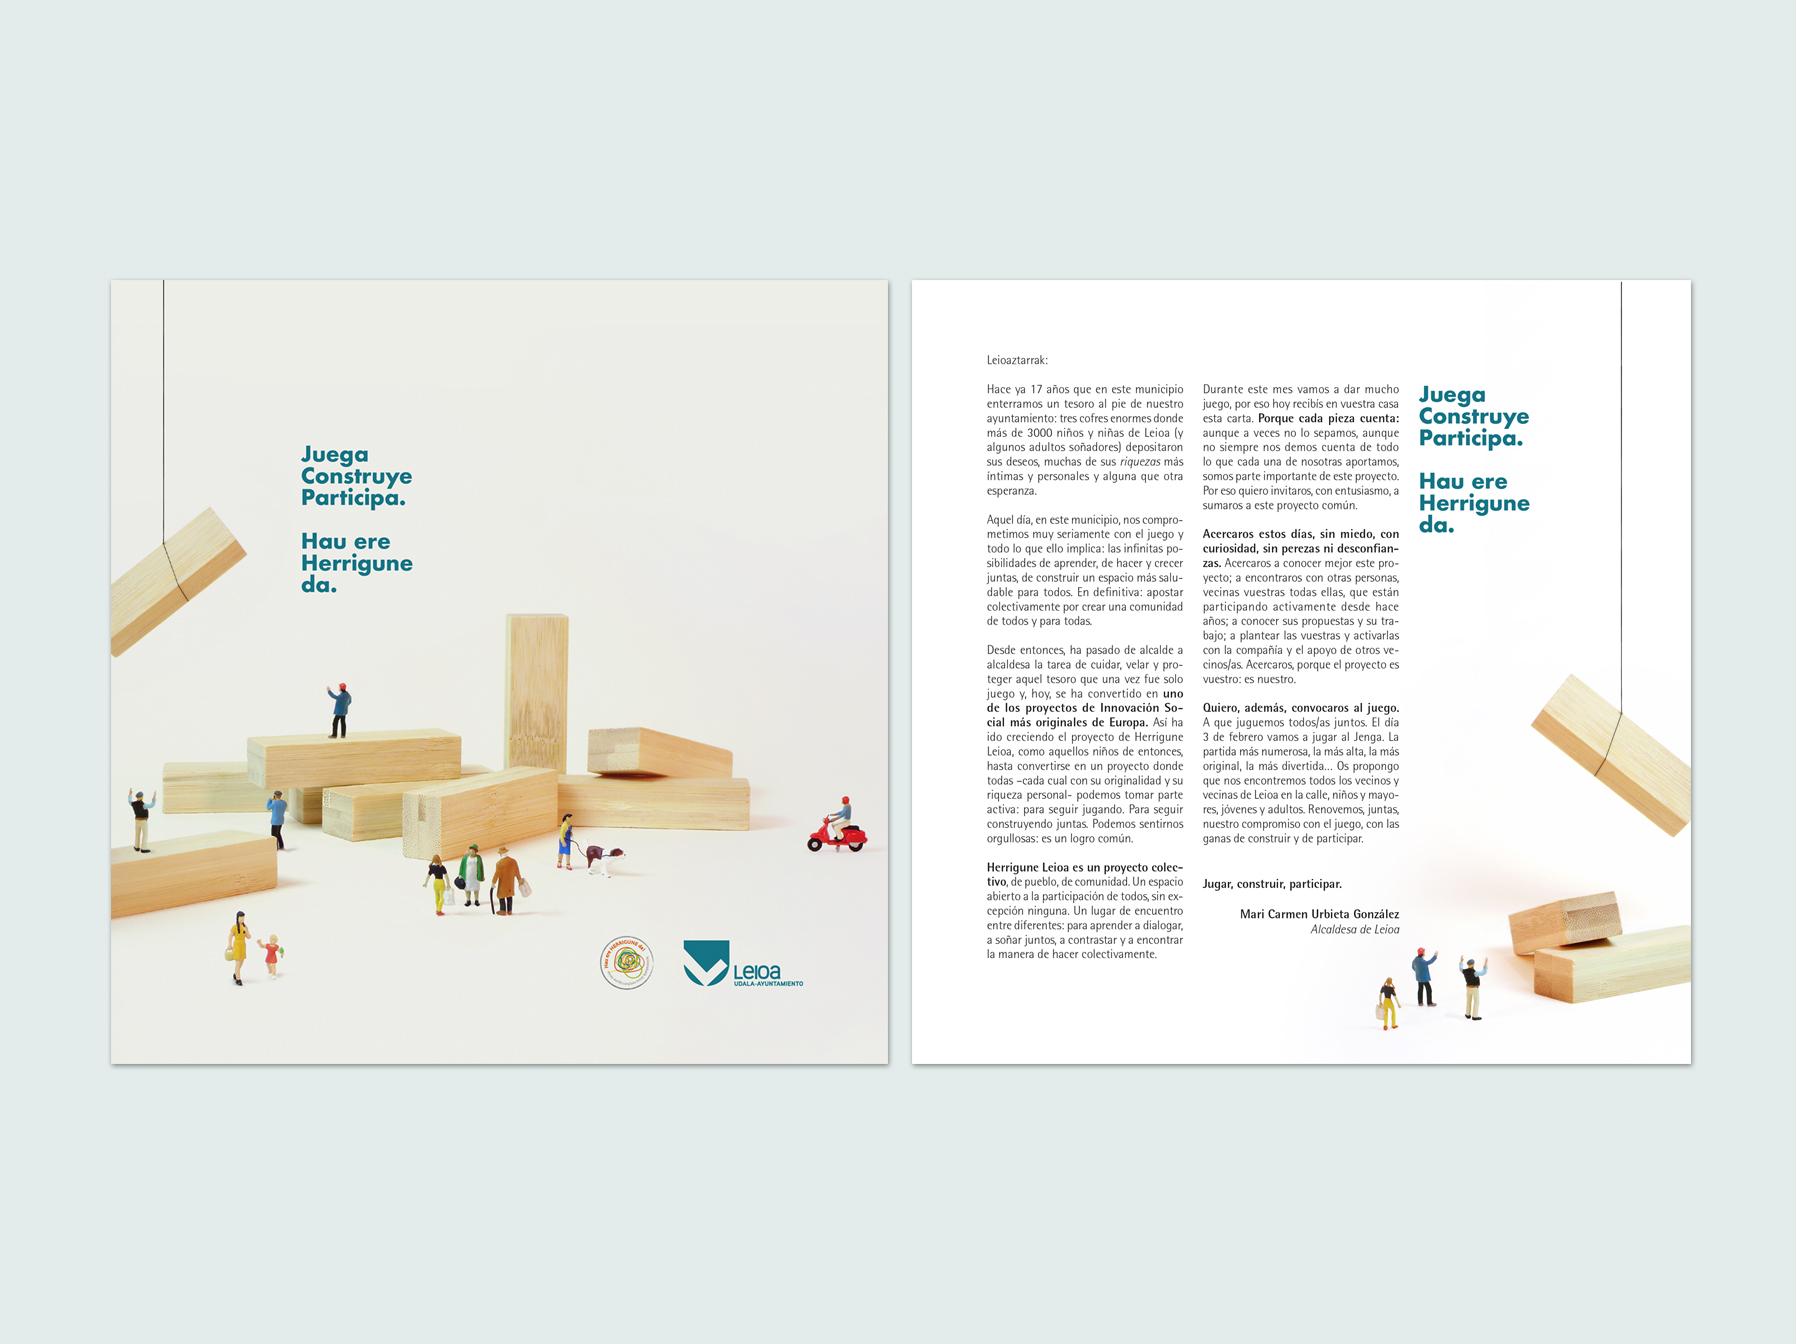 Campaña de comunicación para Leioa Jenga Eguna by Nagore M. Jauregi - Creative Work - $i